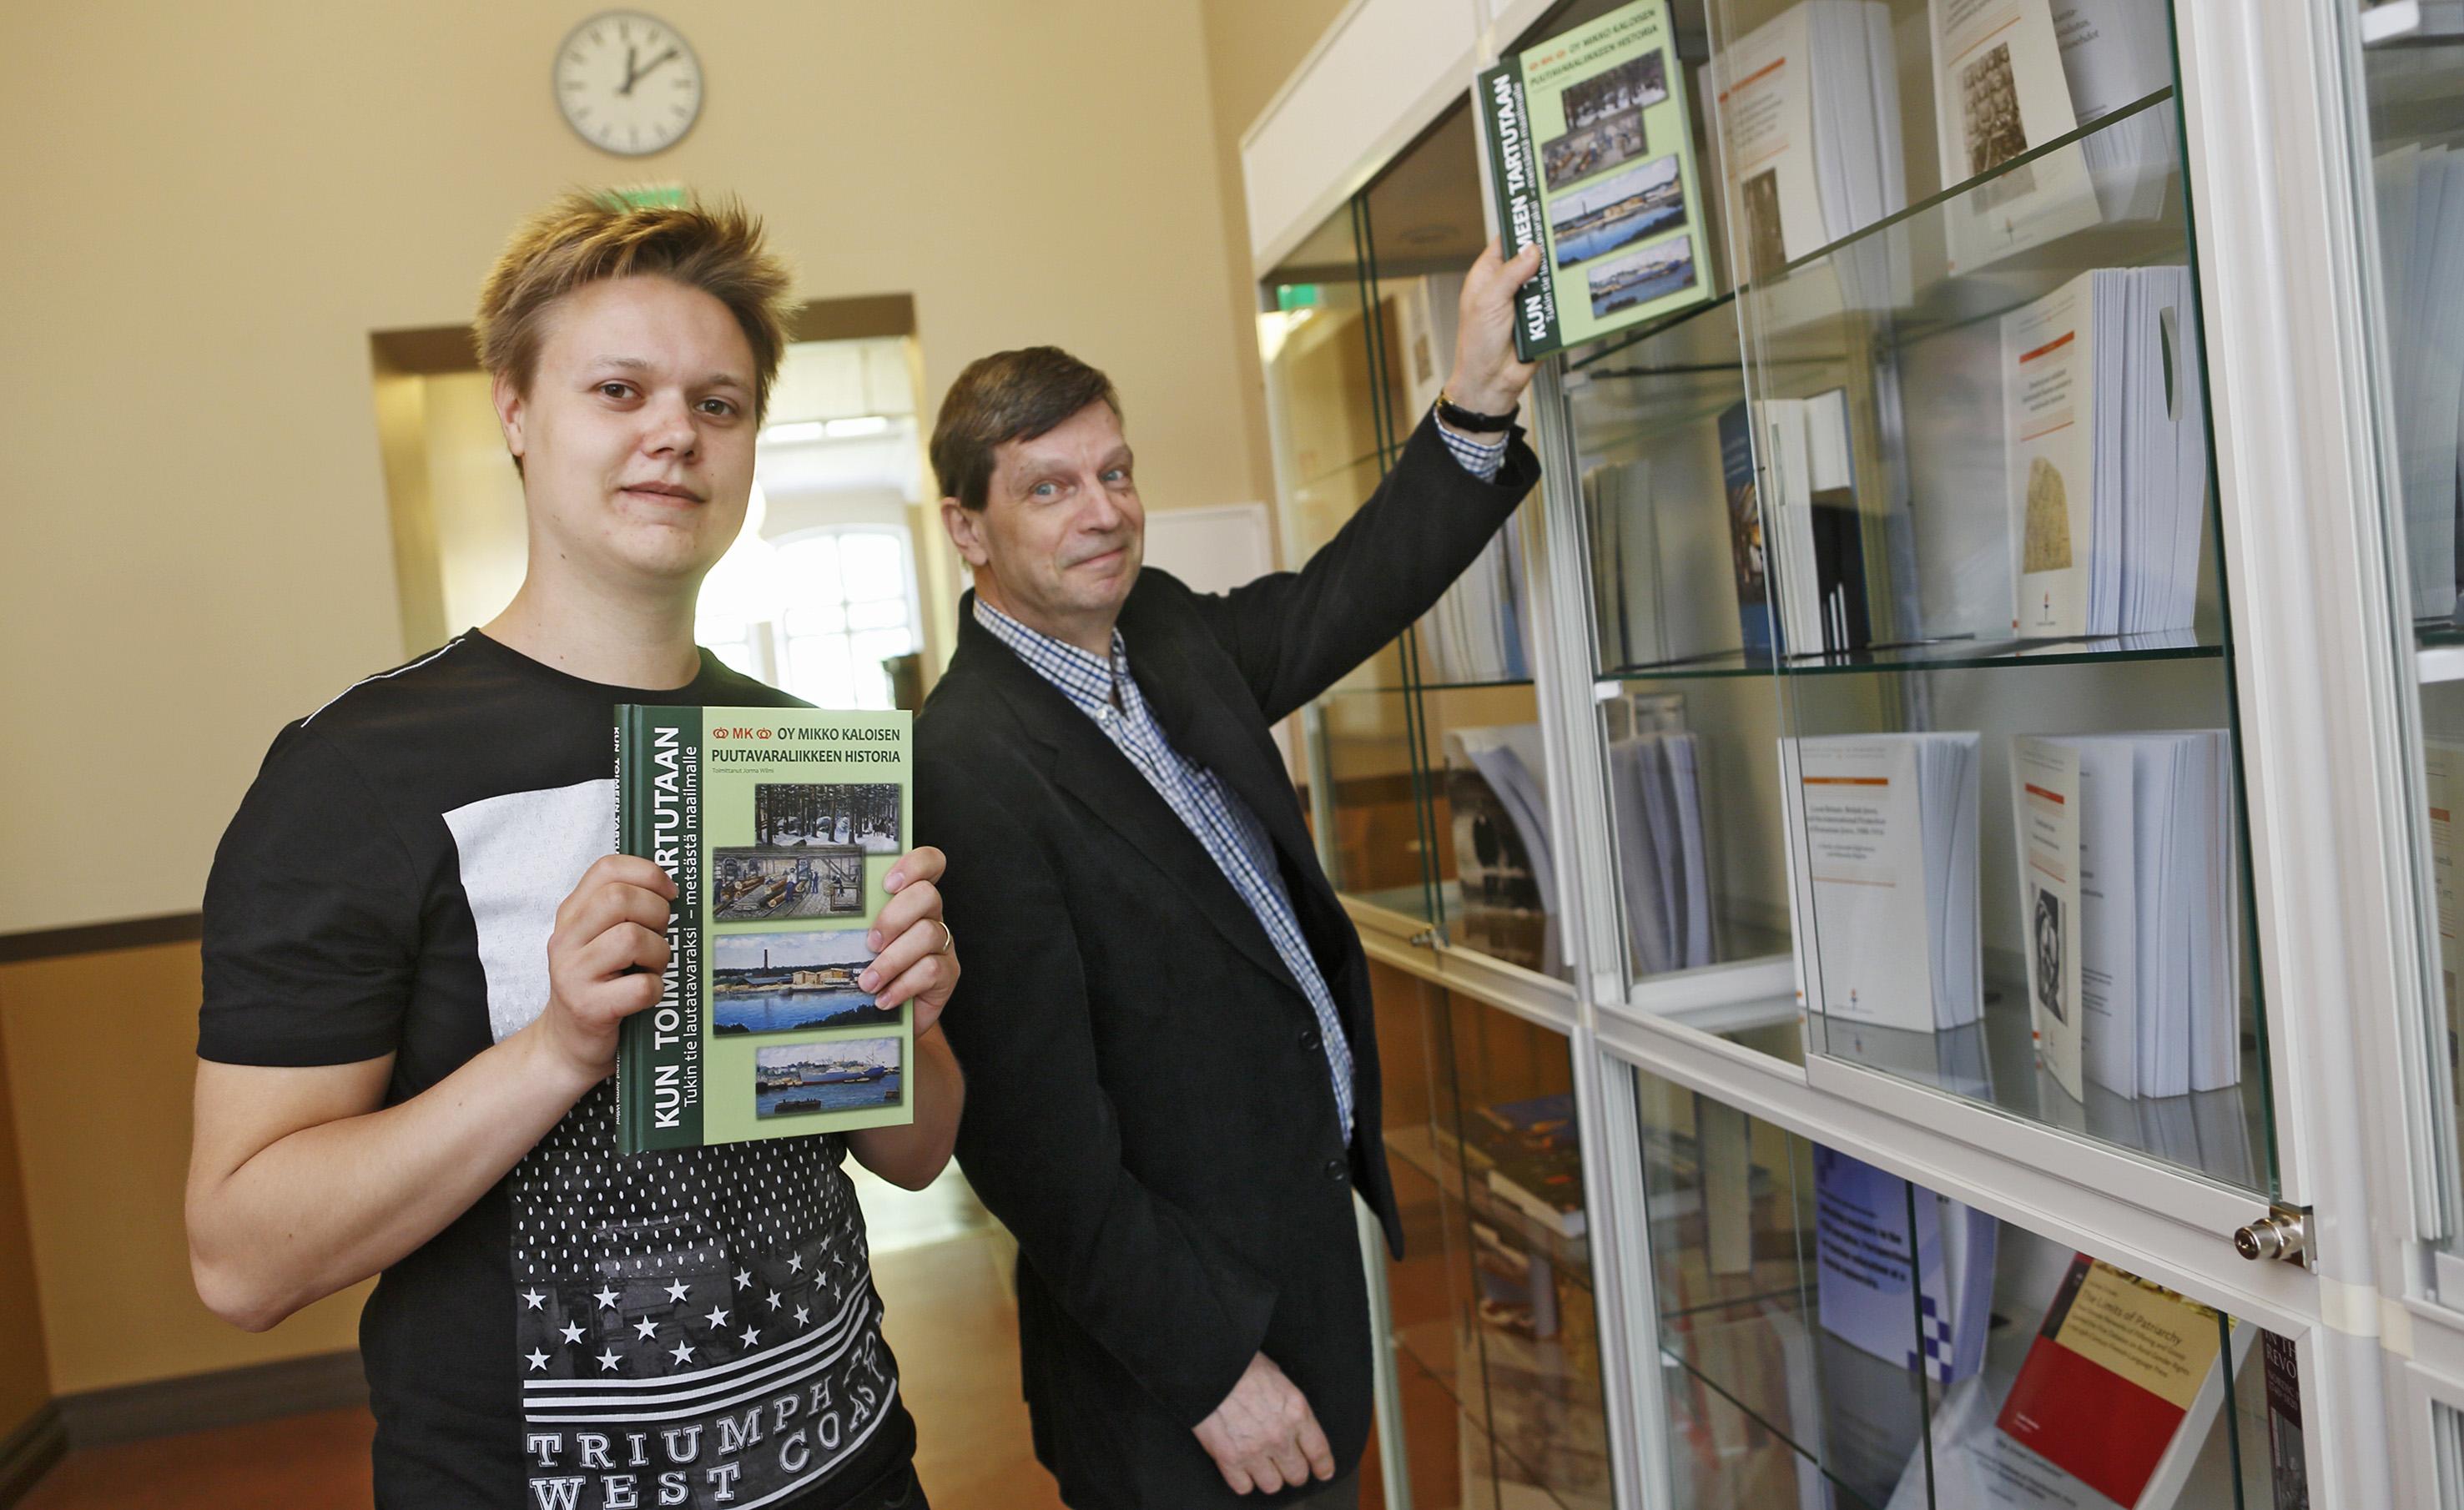 Mikko Kaloisen puutavaraliikkeen historiateos